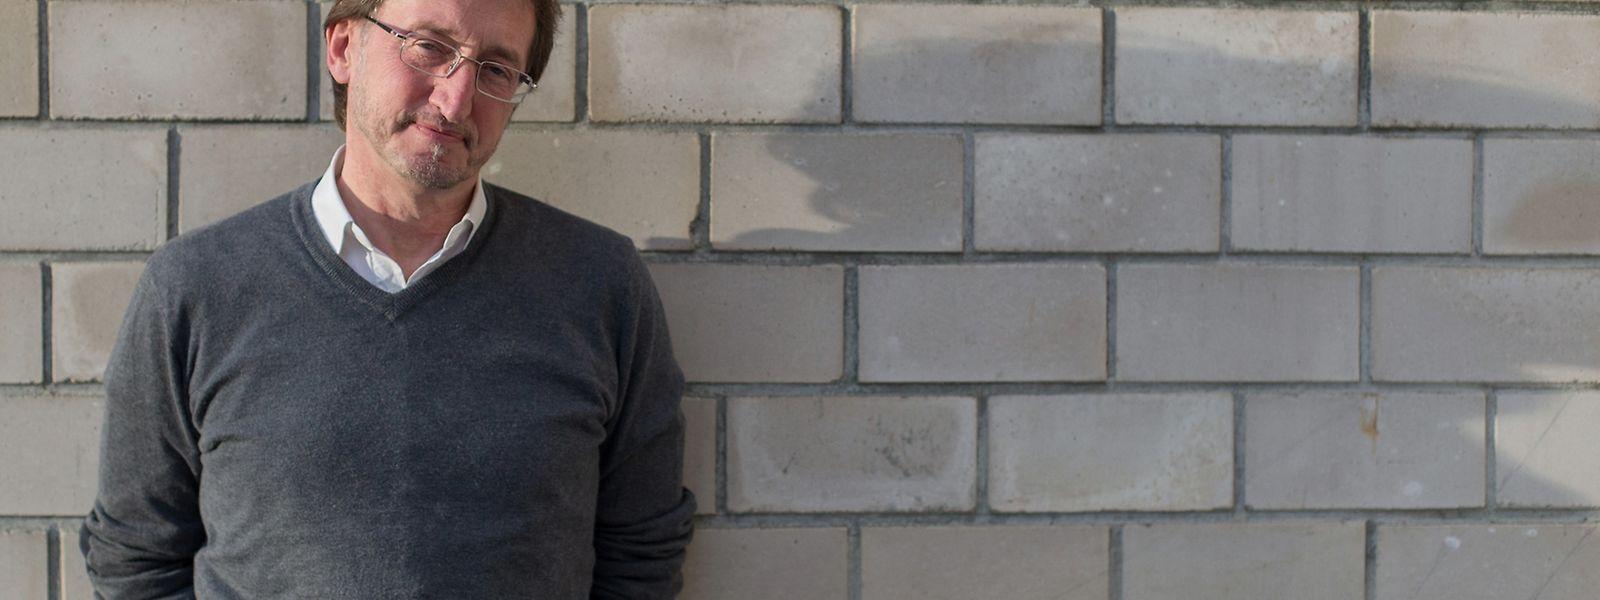 Paul Zahlen é doutorado em História Económica e chefiou o departamento de estatísticas sociais do Statec